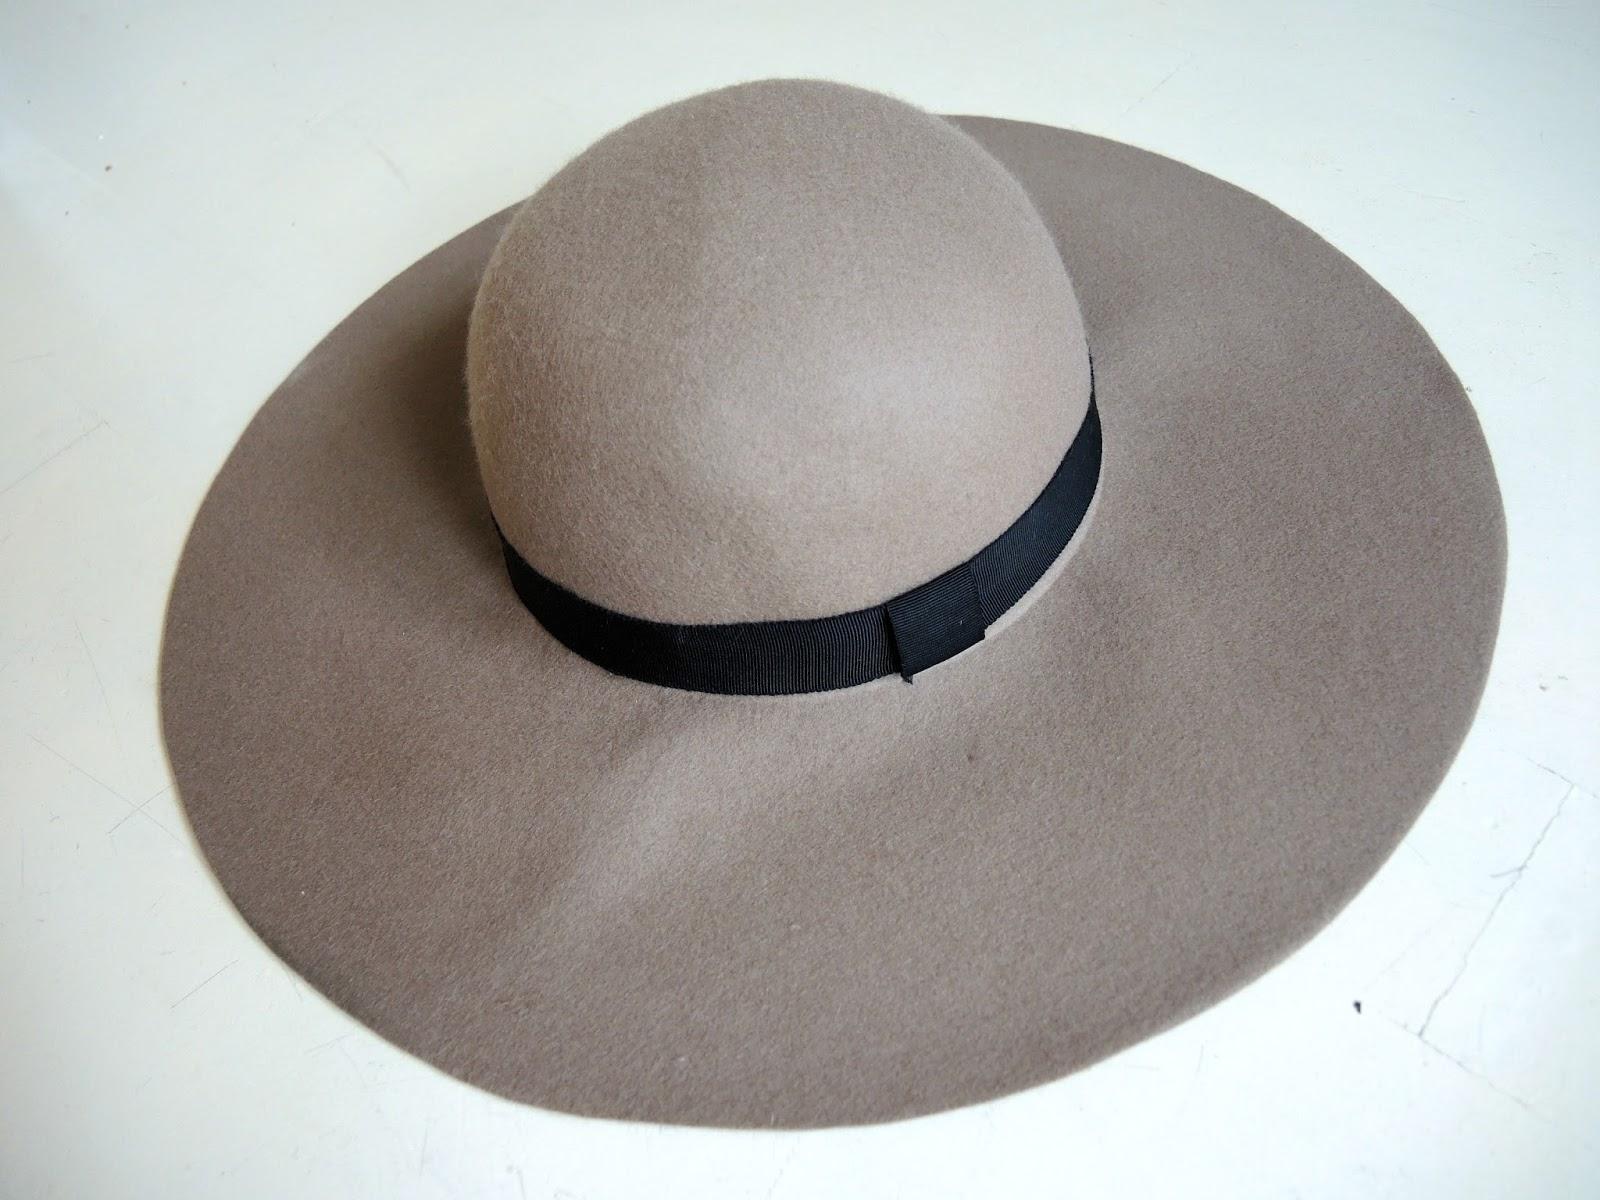 River Island Beige Floppy Fedora Hat